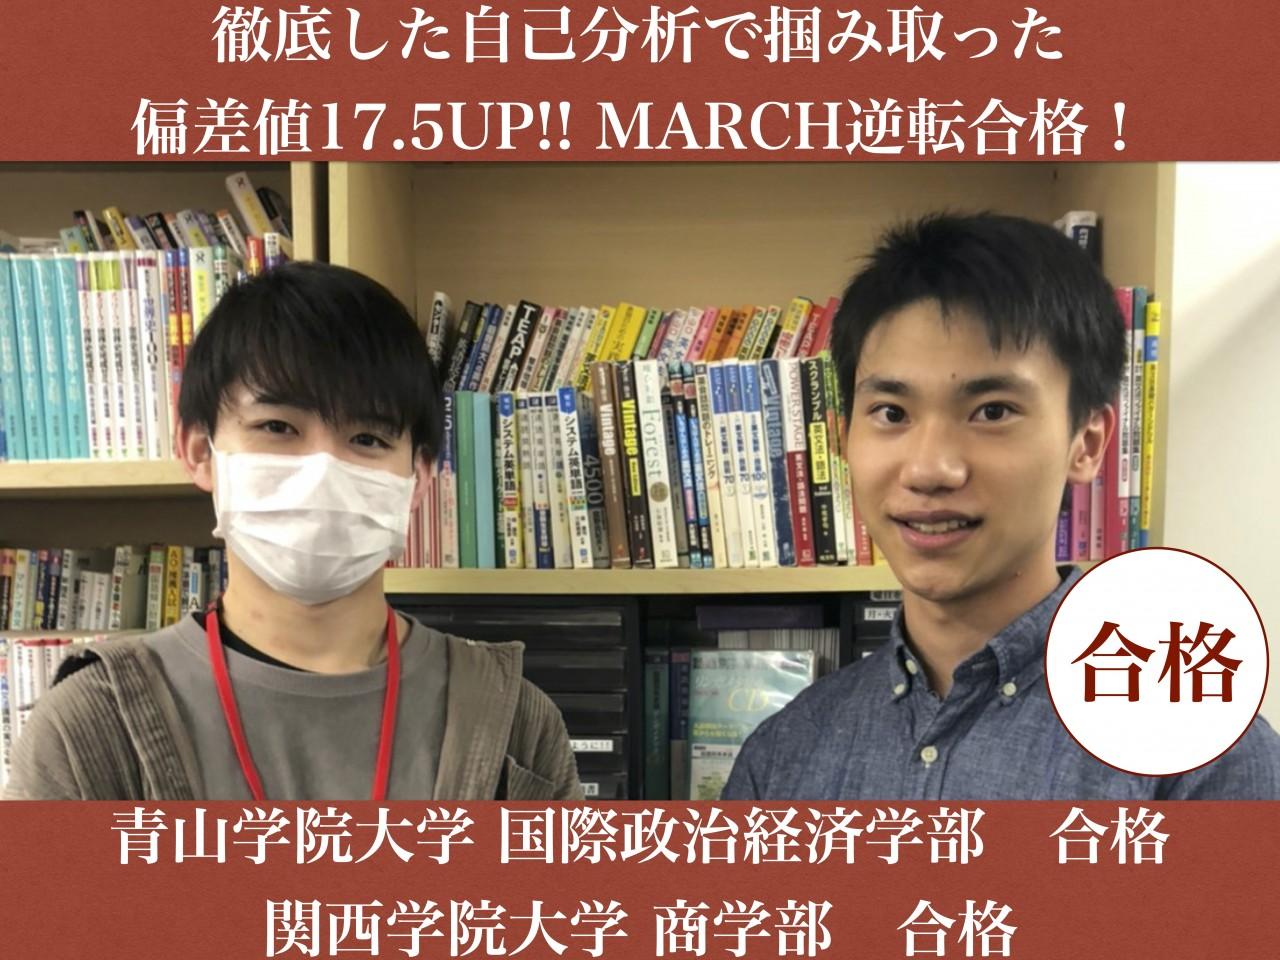 青山学院大学 国際政治経済学部 合格